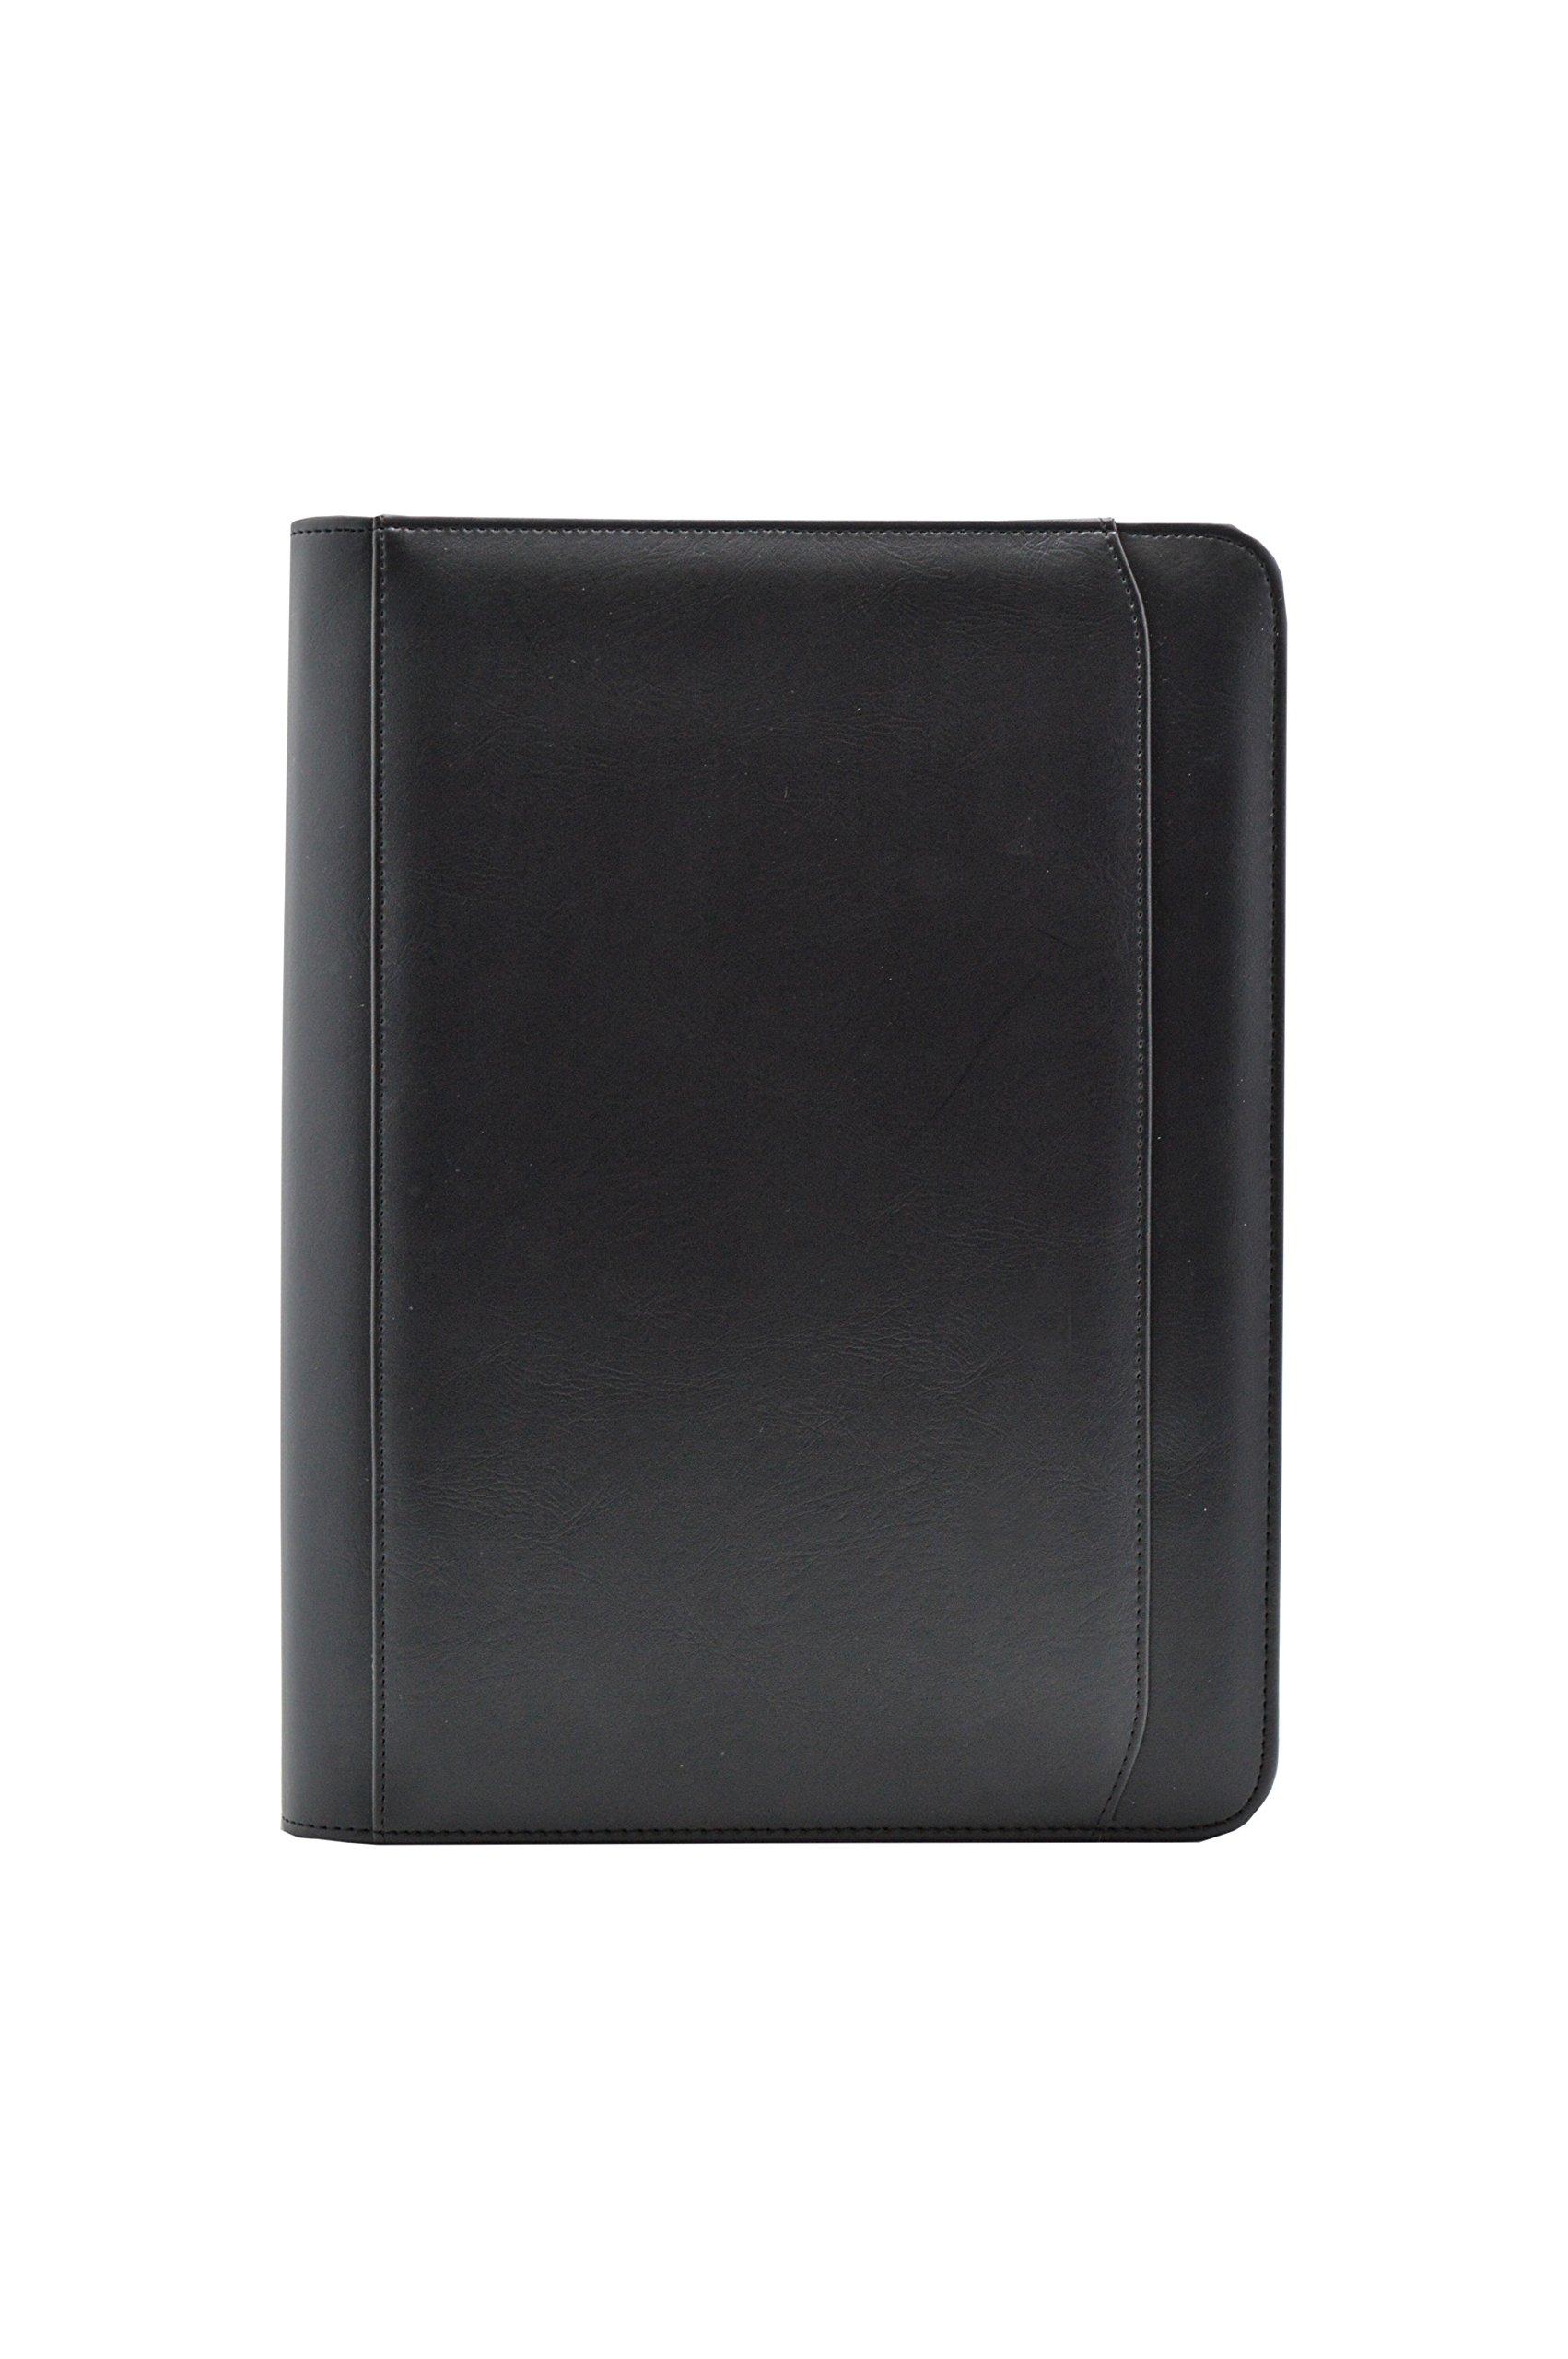 Bindertek 3-Ring 1-inch Zipper Binder Organizer, Black (ZP-Bind)